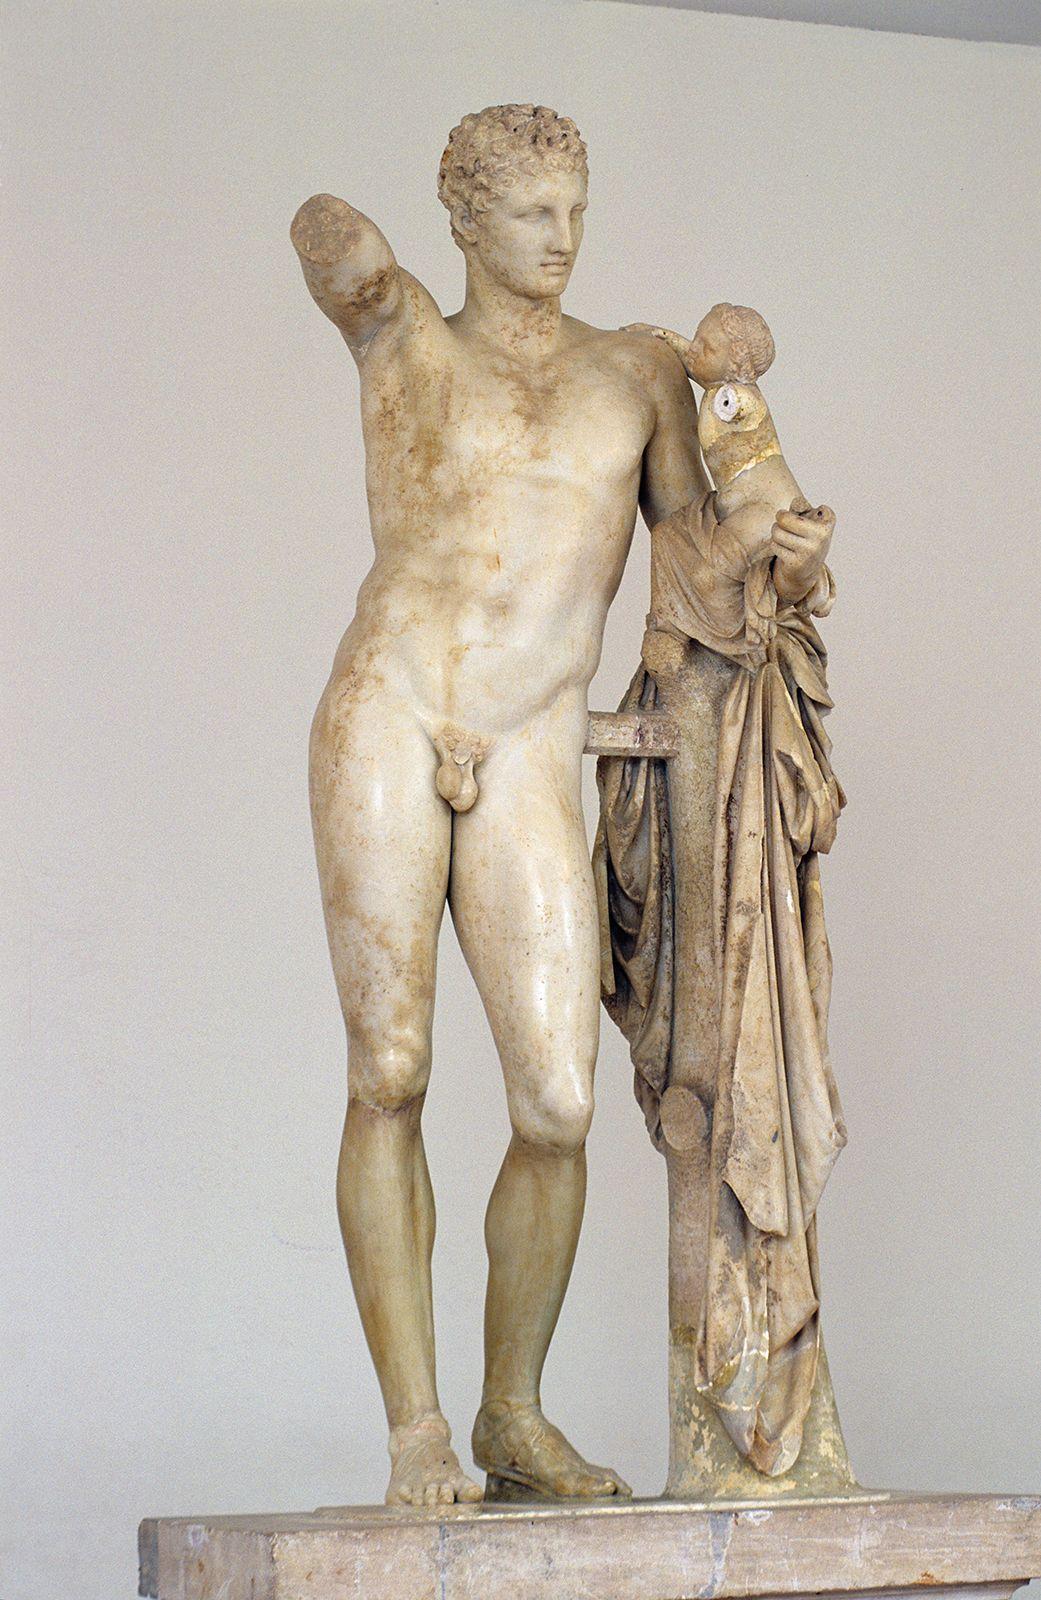 Művészeti alkotás, Hermes, Művészet, mesterséges intelligencia png